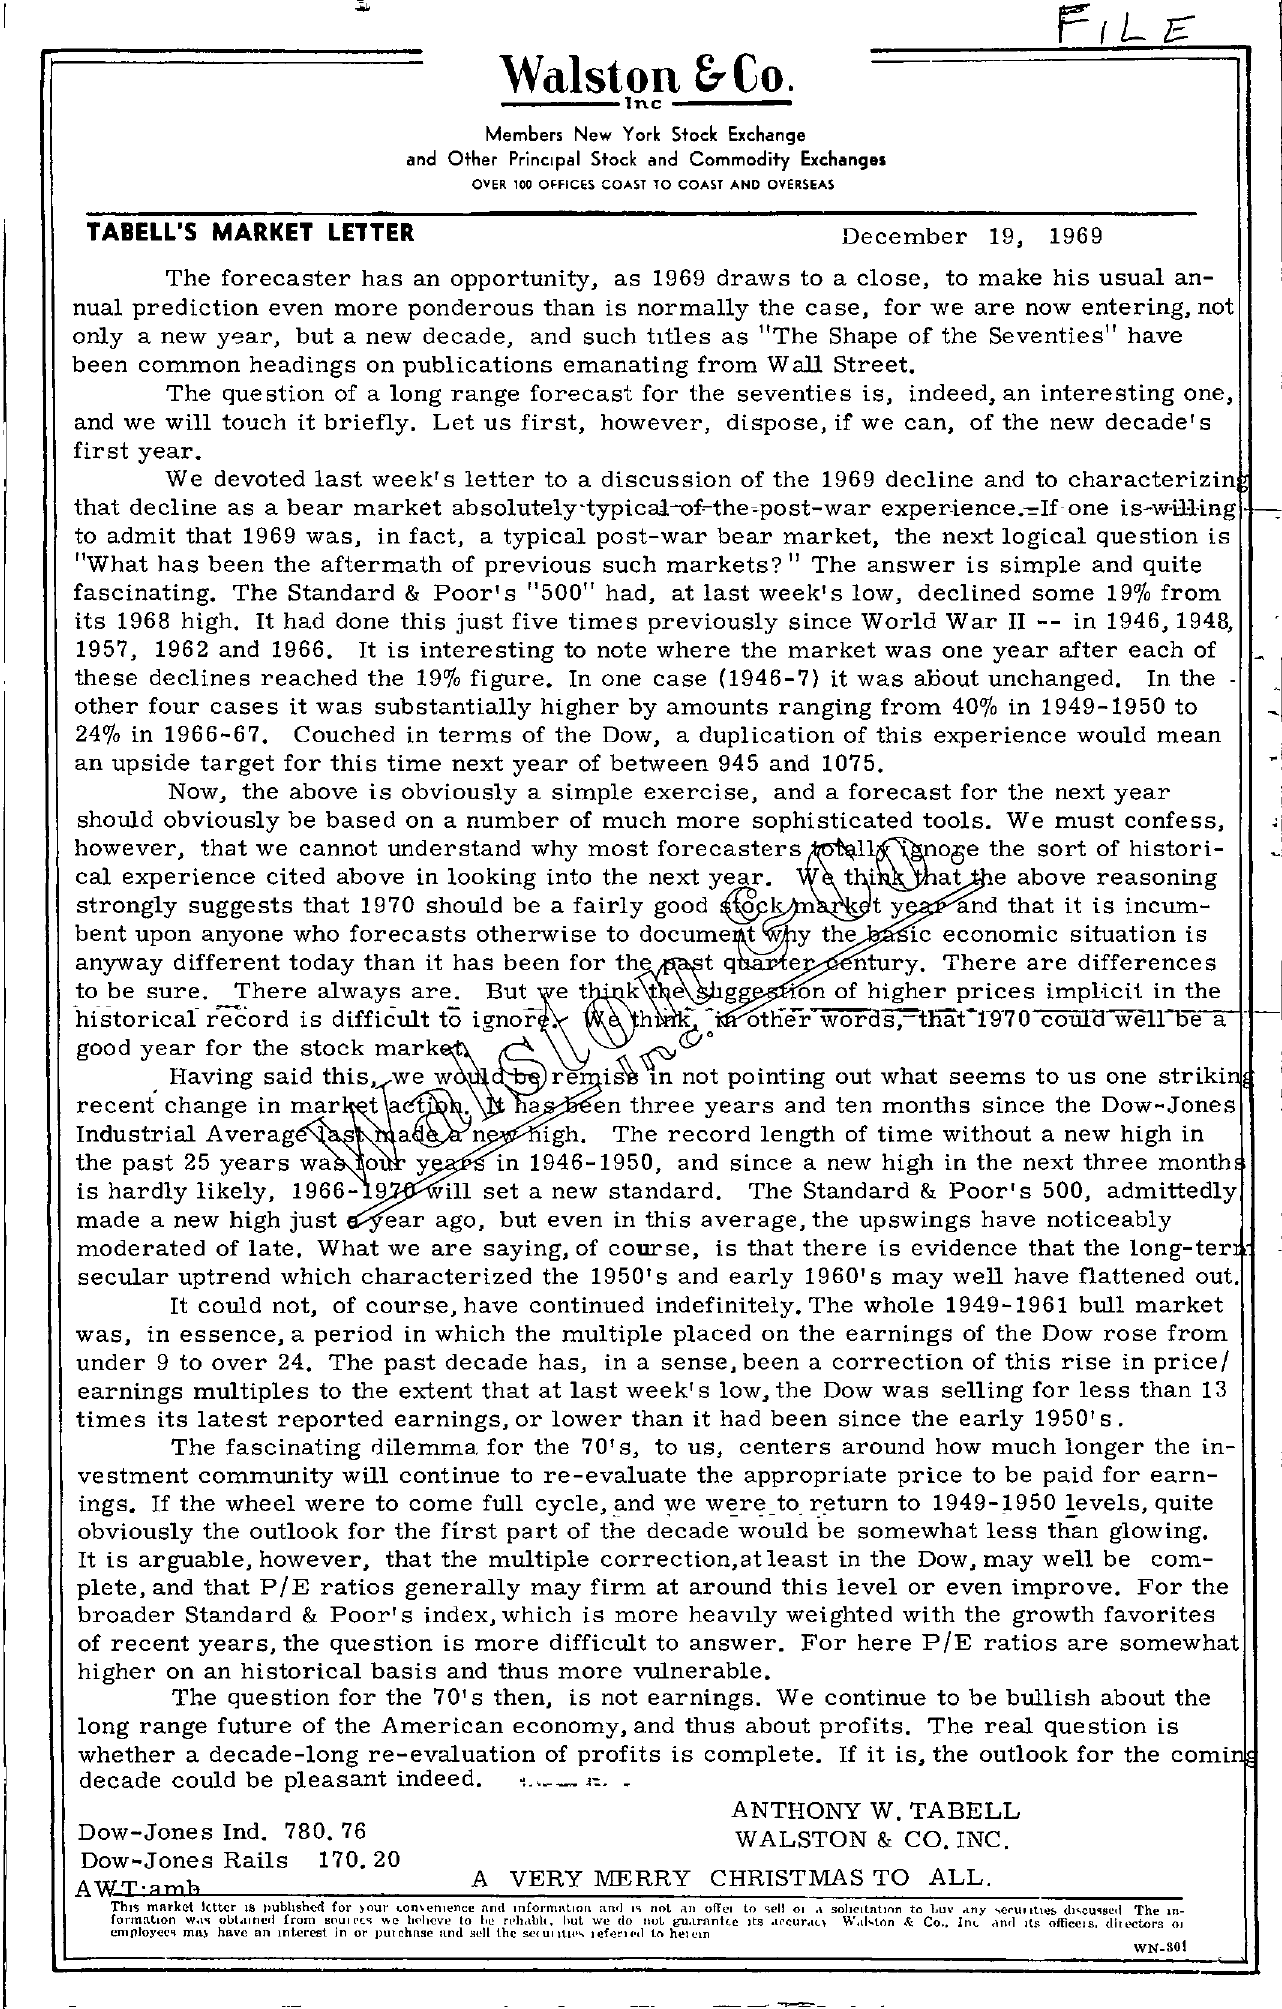 Tabell's Market Letter - December 19, 1969